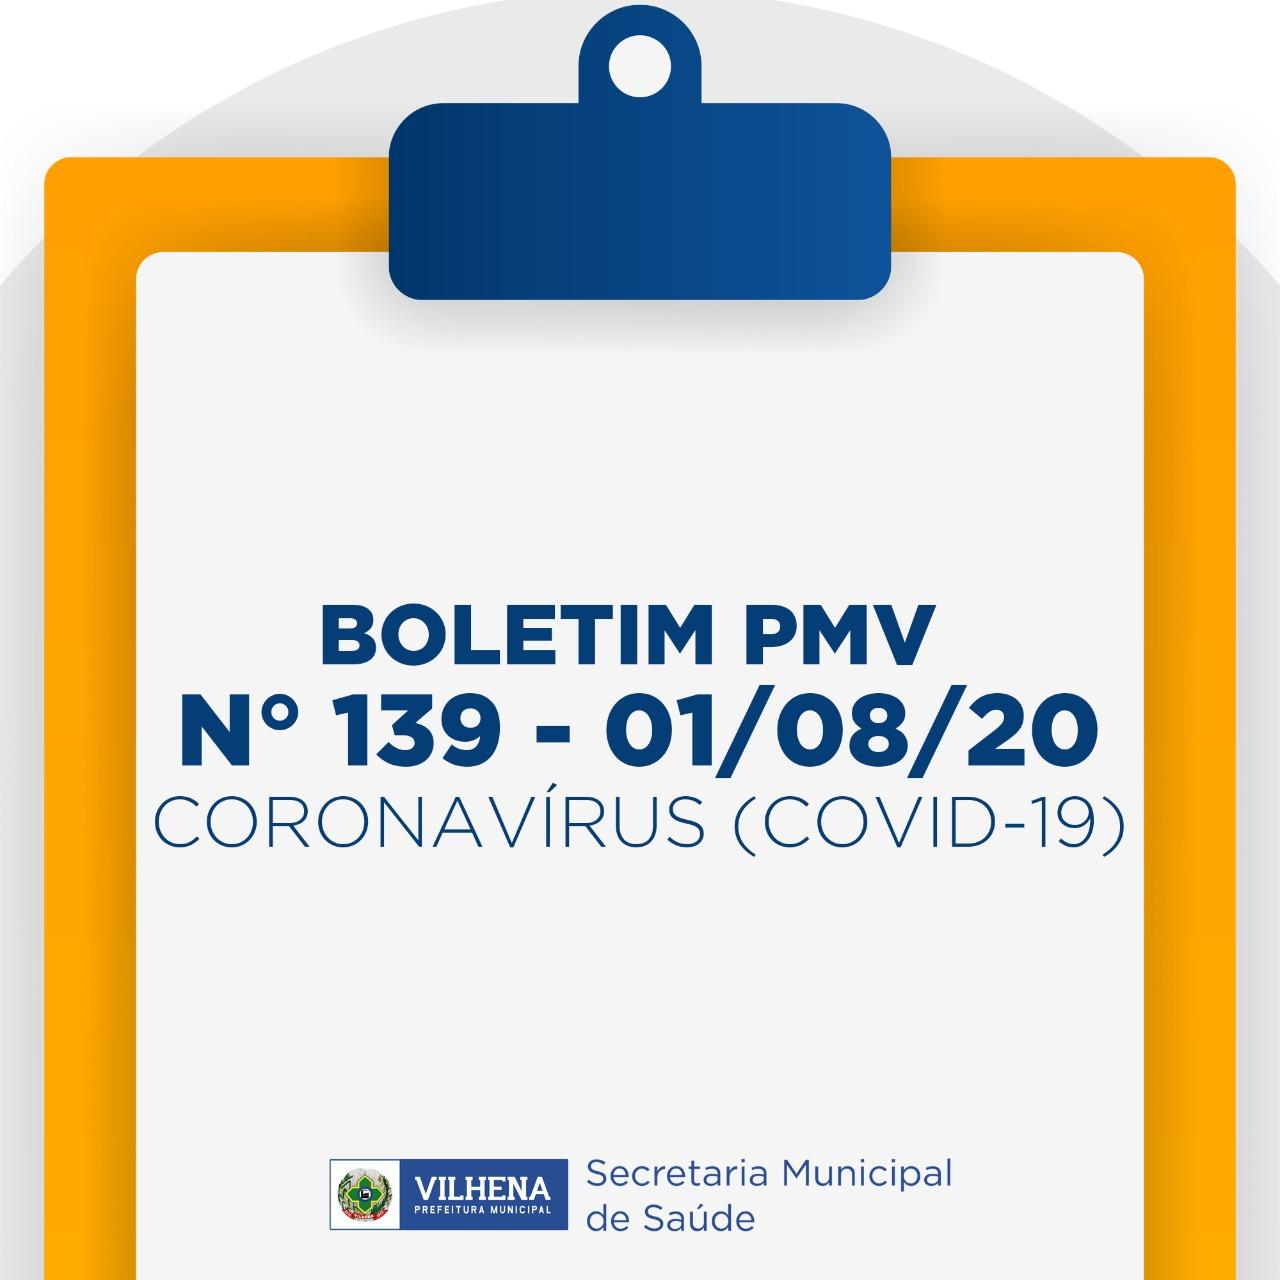 BOLETIM PMV Nº 139 - 01/08/20 - CORONAVÍRUS (COVID-19)